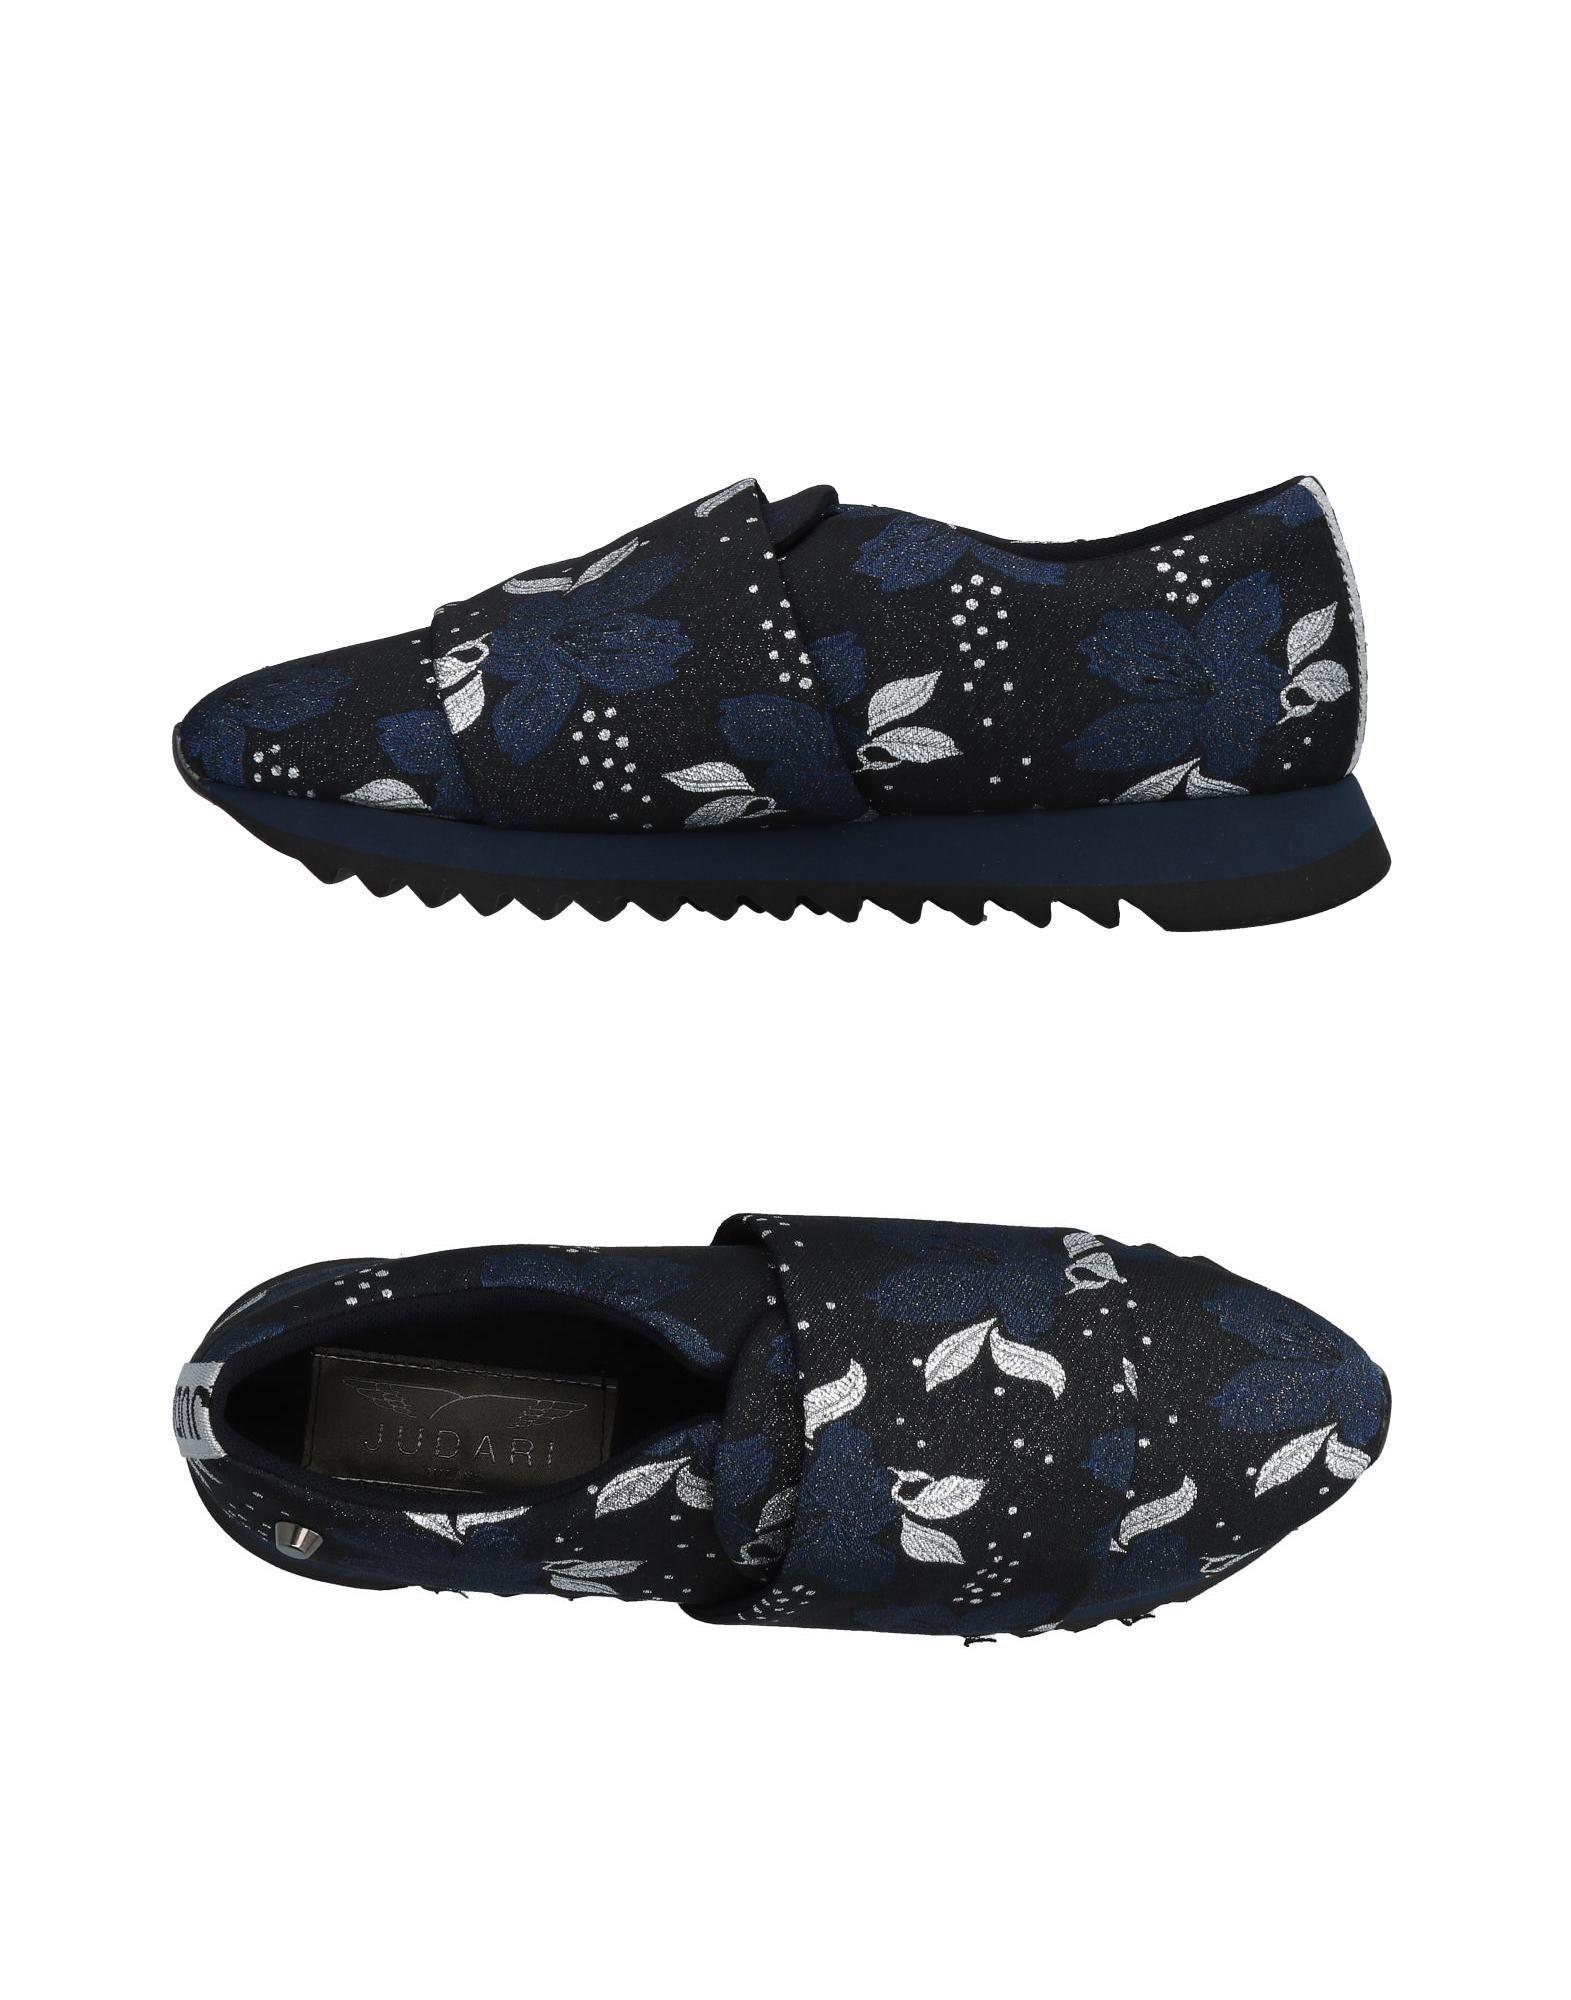 Moda Sneakers Judari Donna - 11479732KR